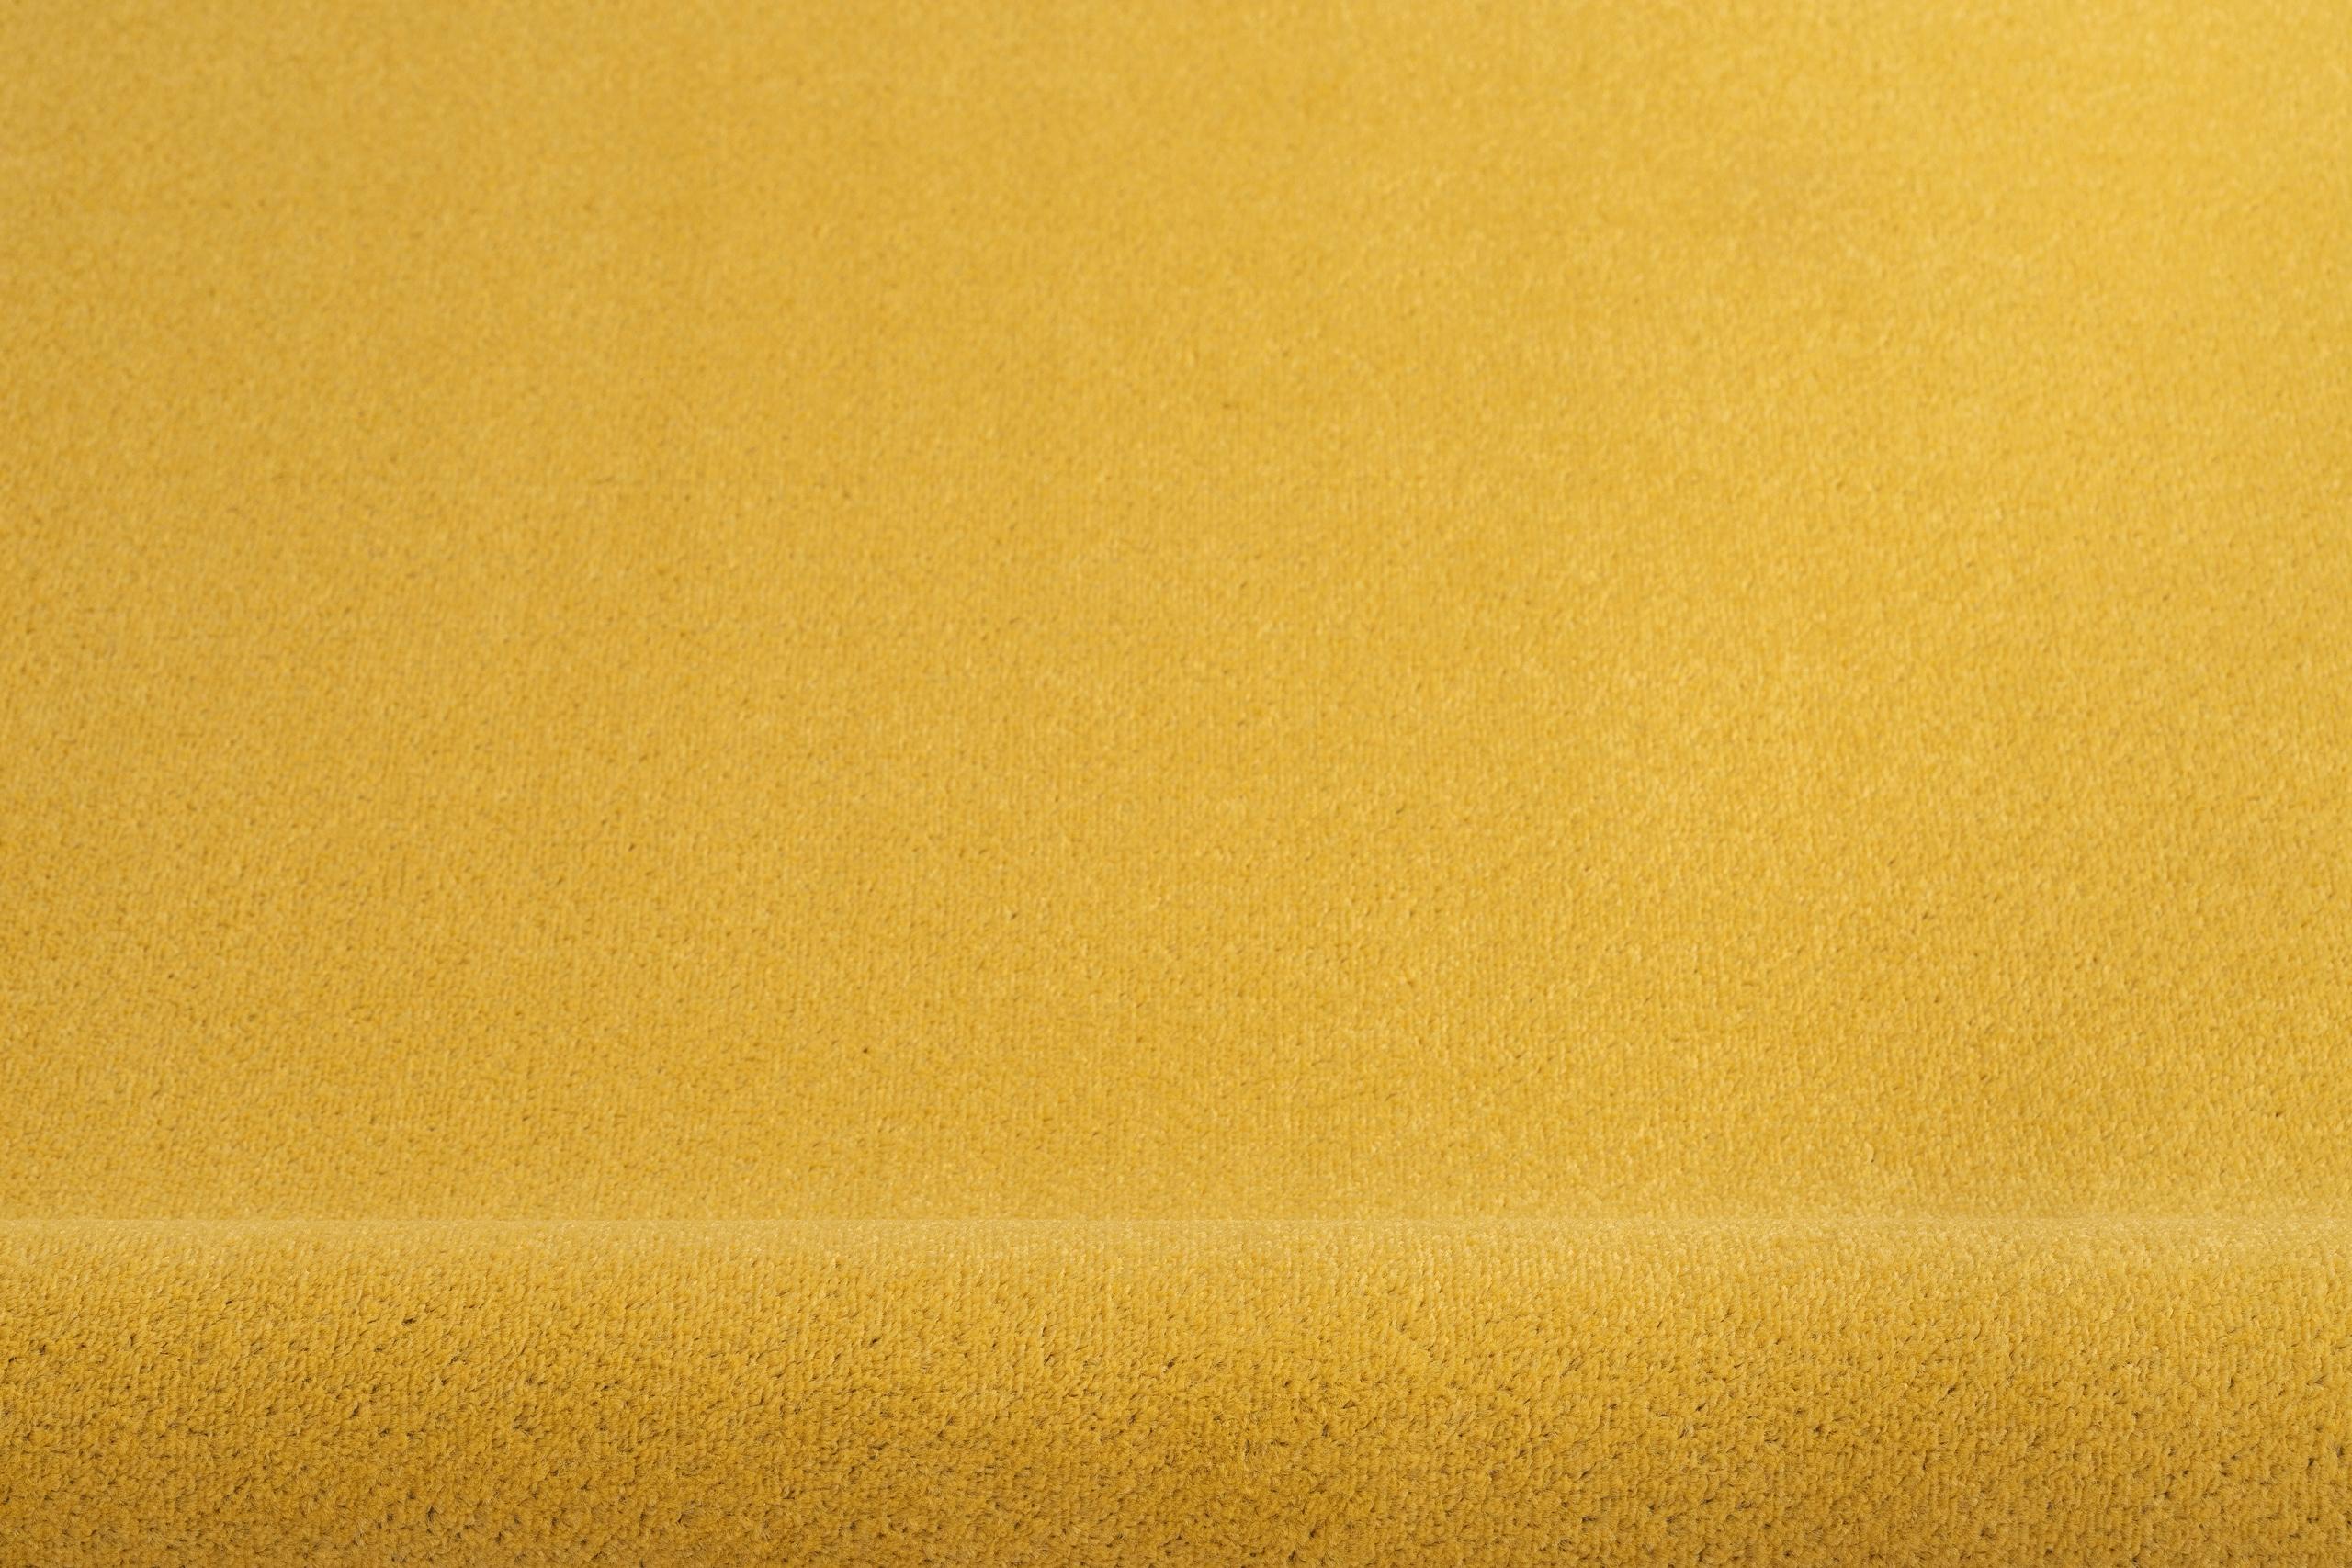 DYWAN 200x300 ETON żółty gładki jednolity @70846 8569610097